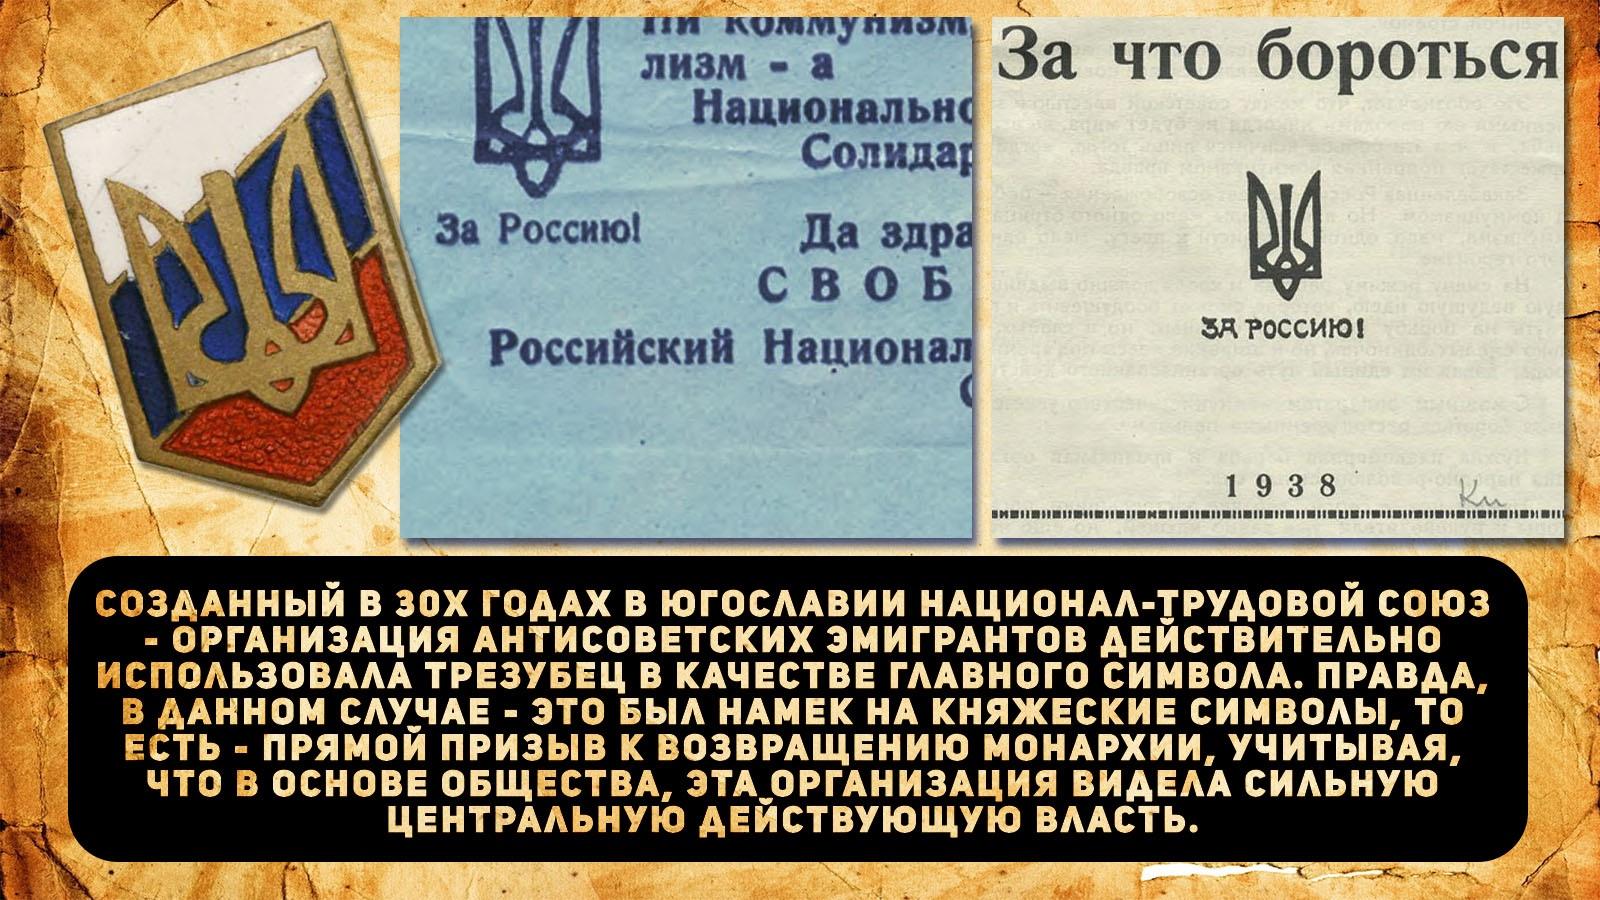 313d7c5fc398.jpg